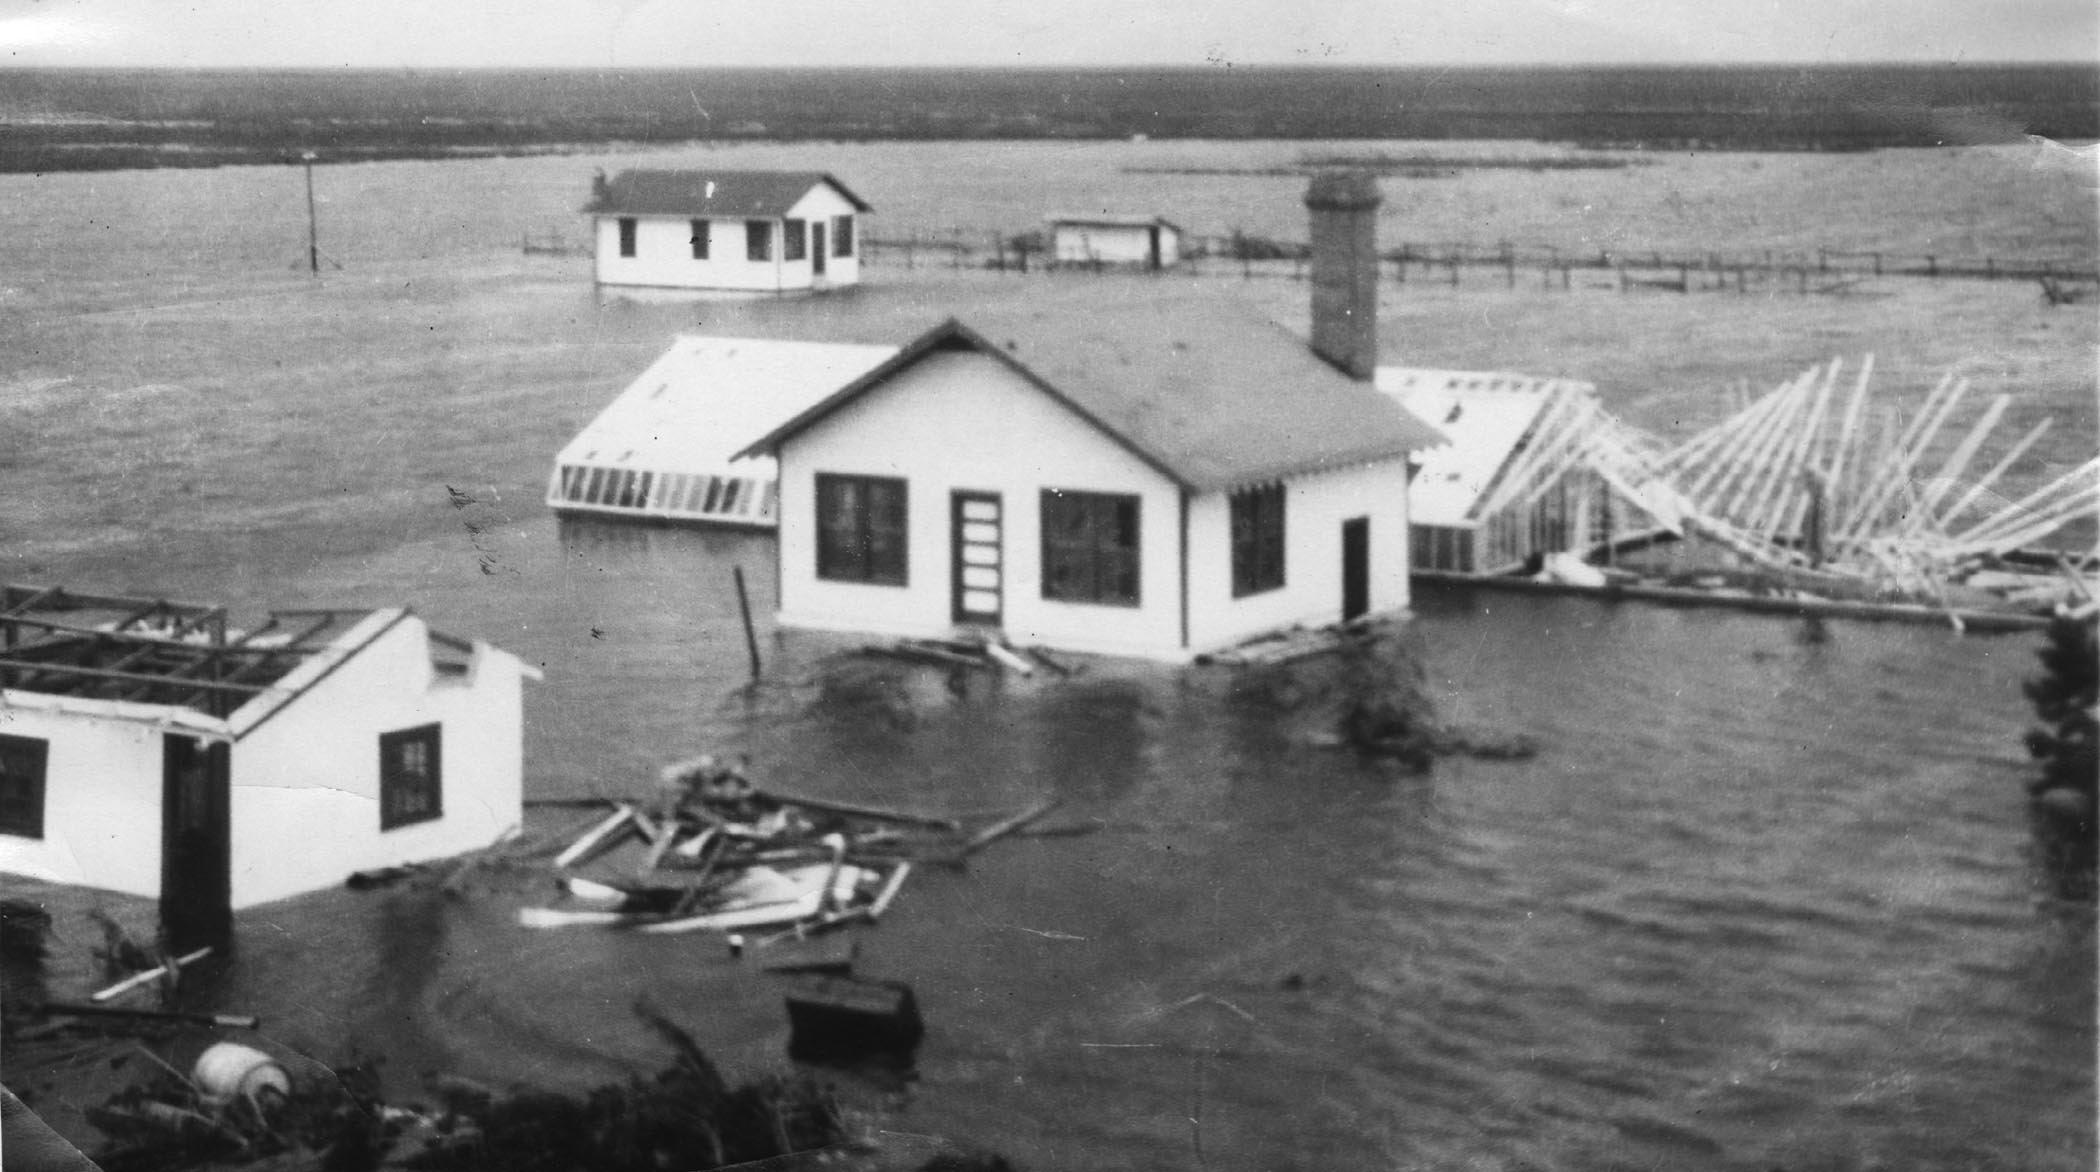 The Okeechobee Hurricane